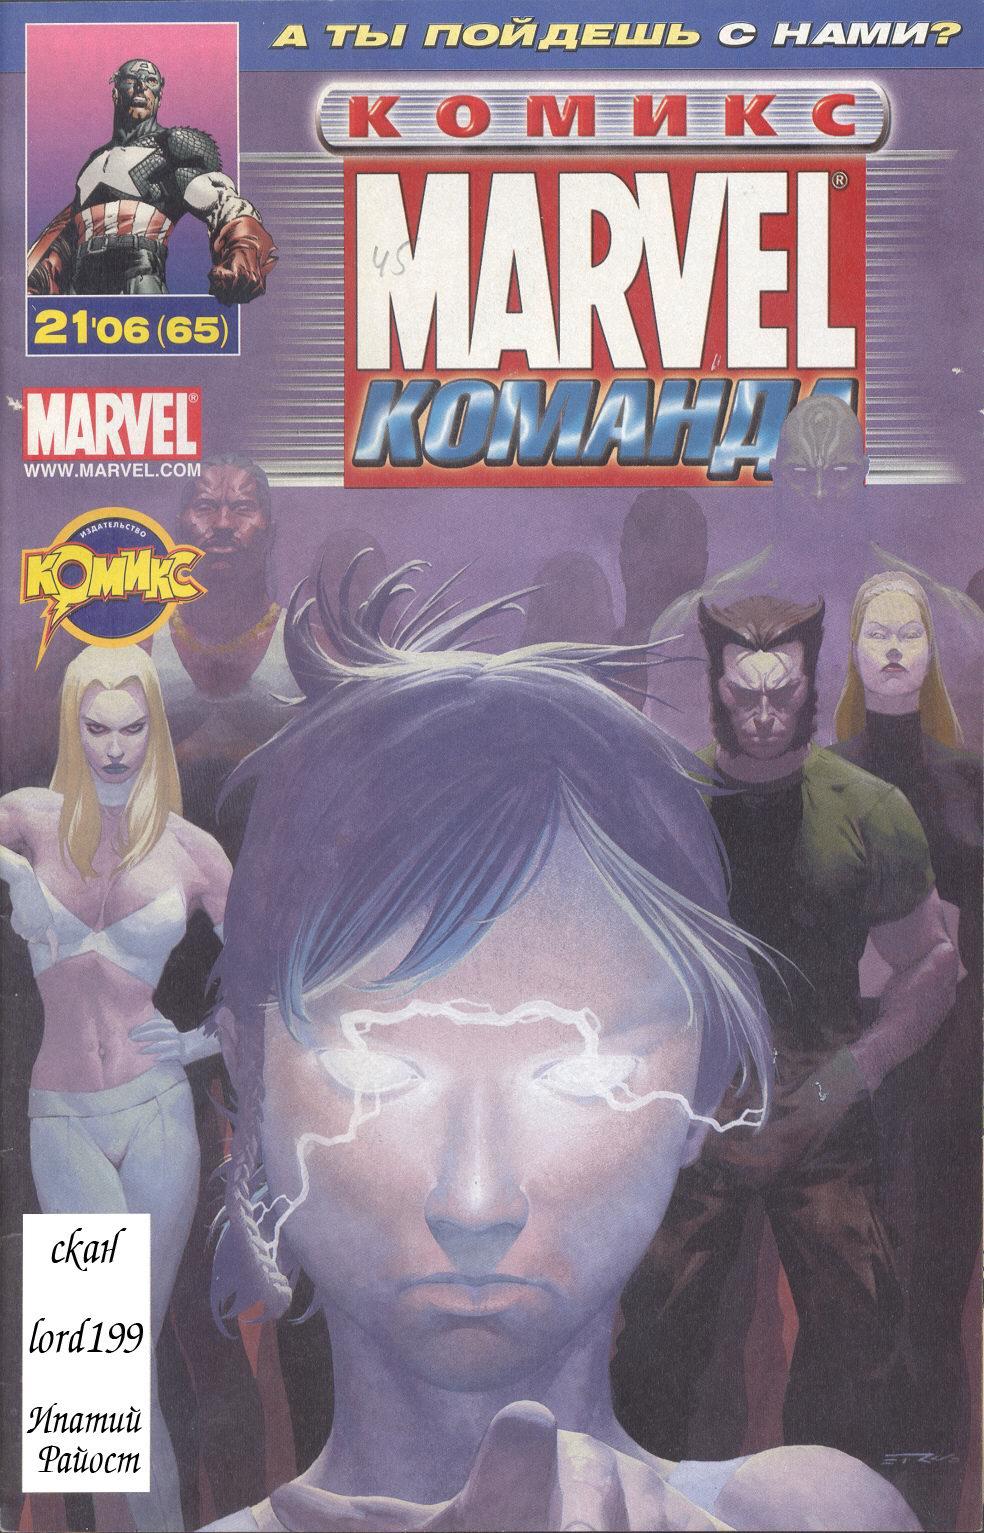 Комиксы Онлайн - Марвел Команда ИДК - # 5 - Страница №1 - Marvel Команда ИДК - Marvel Команда # 65